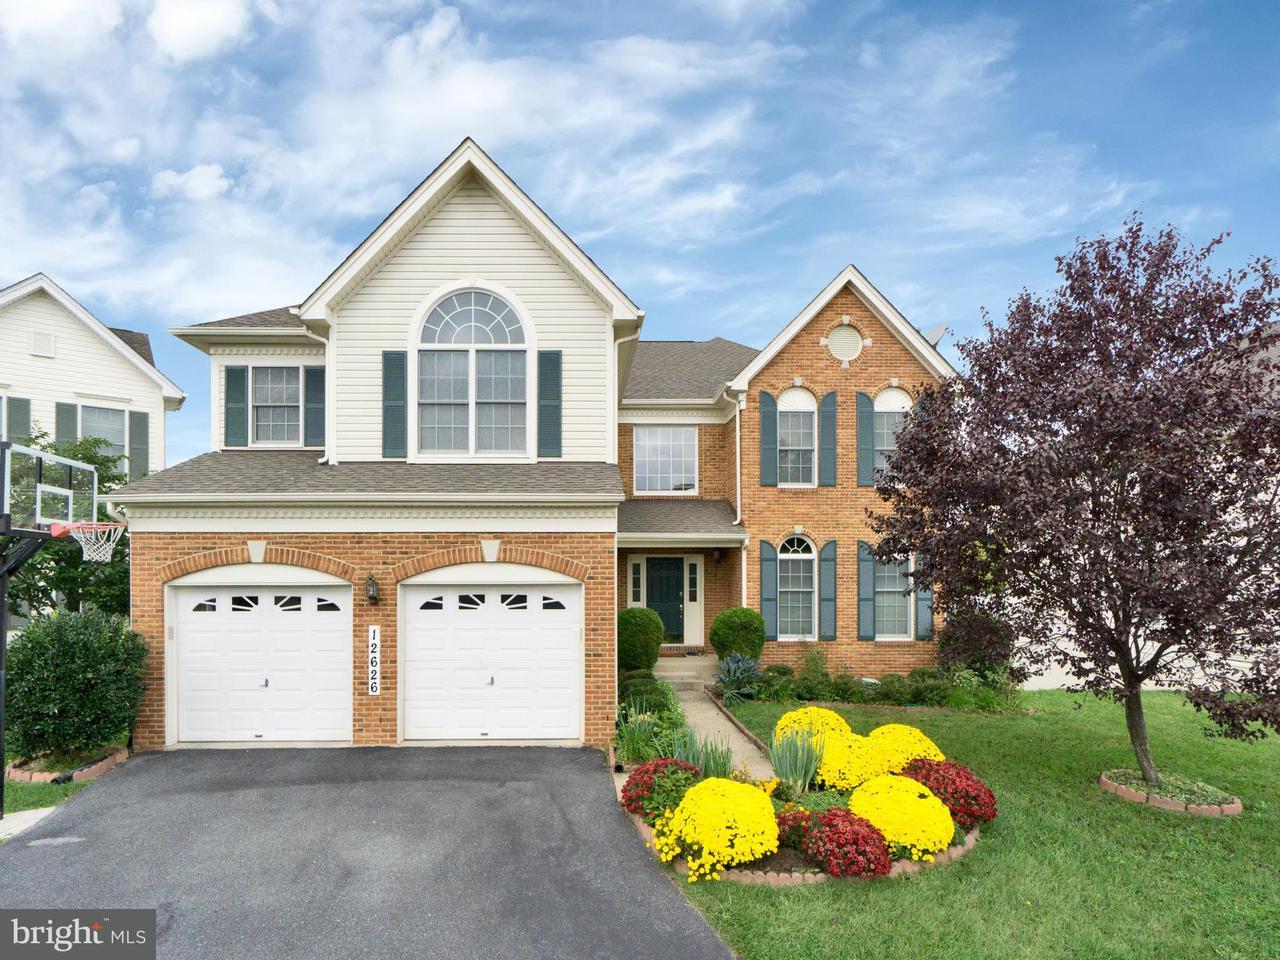 独户住宅 为 销售 在 12626 Bright Spring Way 12626 Bright Spring Way Boyds, 马里兰州 20841 美国